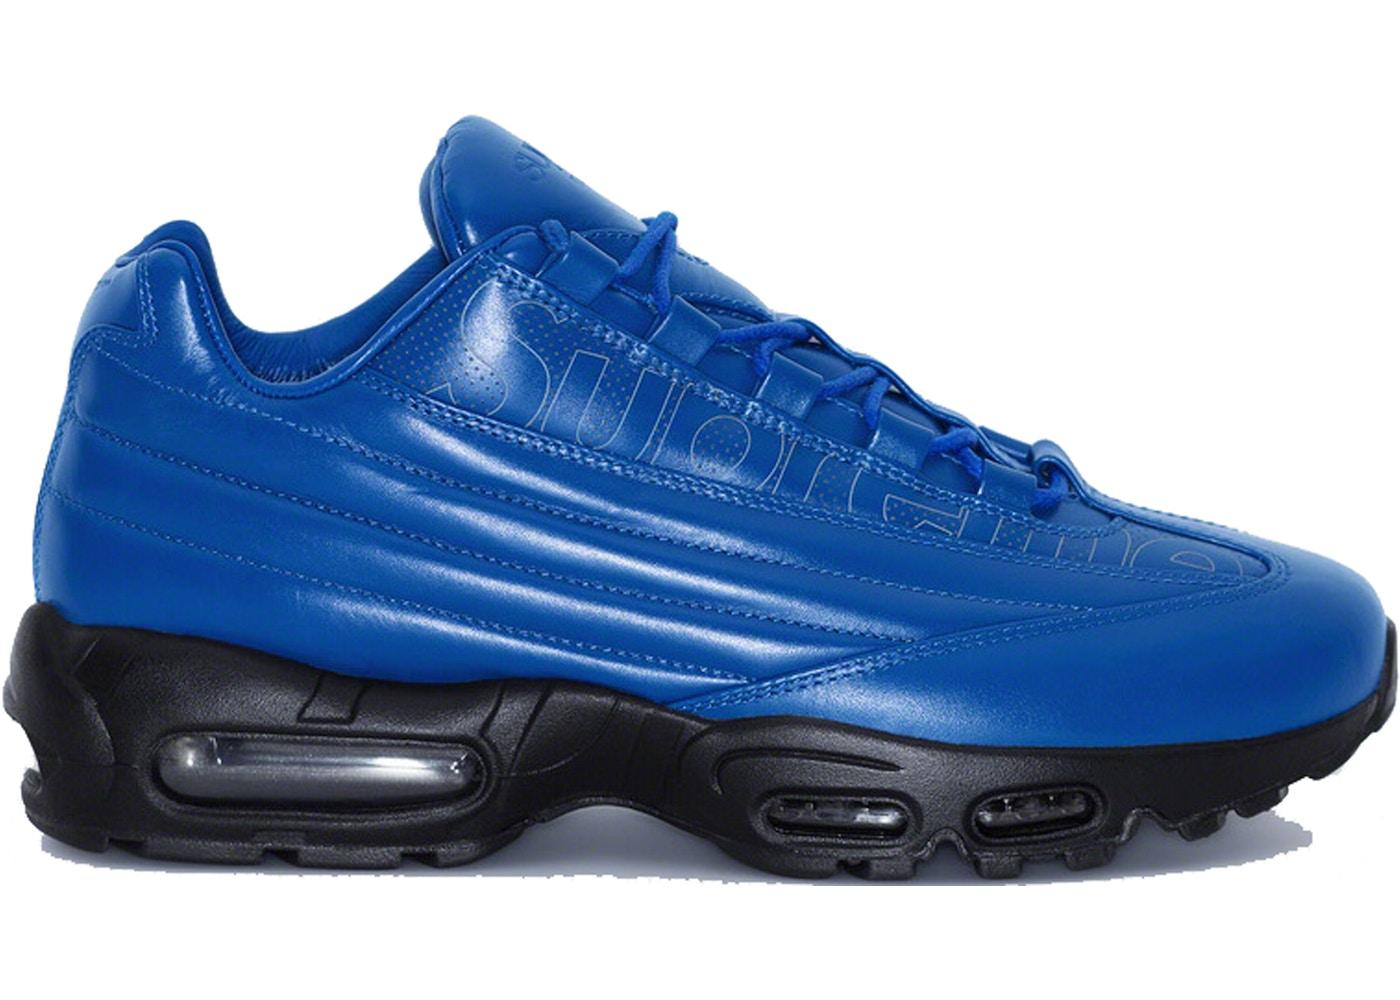 Nike Air Max 95 Lux Supreme Blue